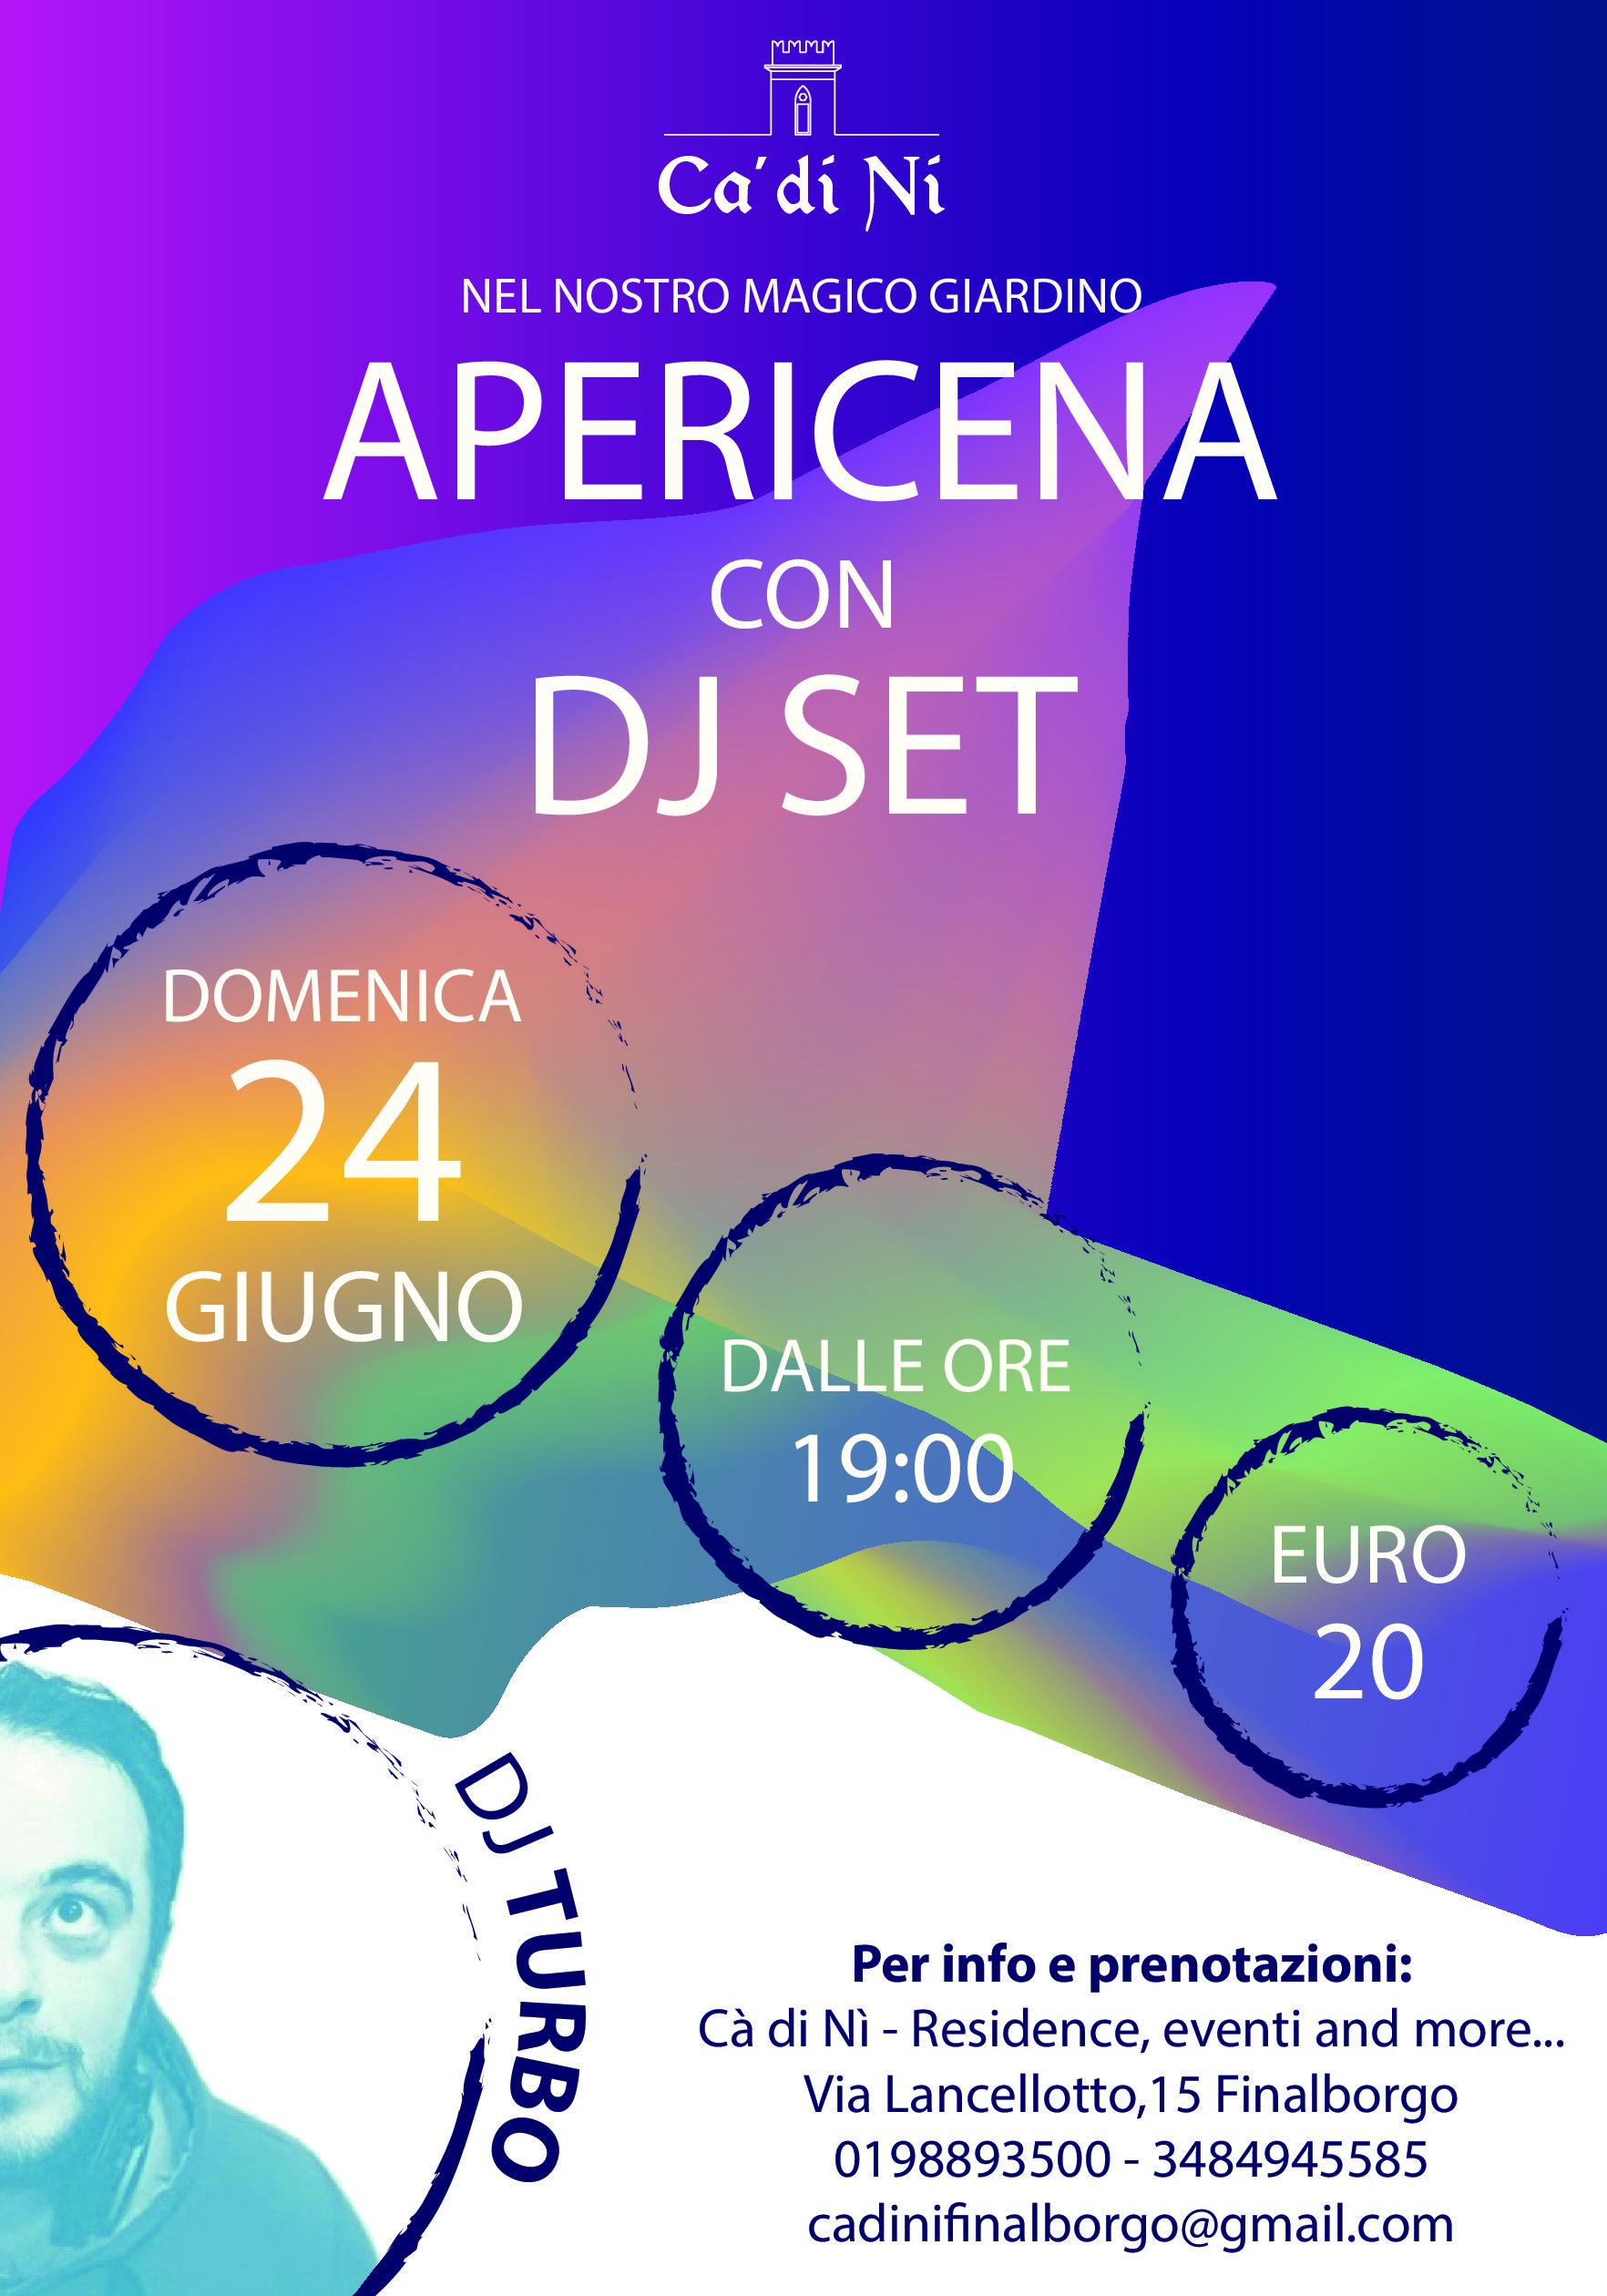 Finalborgo-APERICENA CON DJ SET A CA DI' NI'